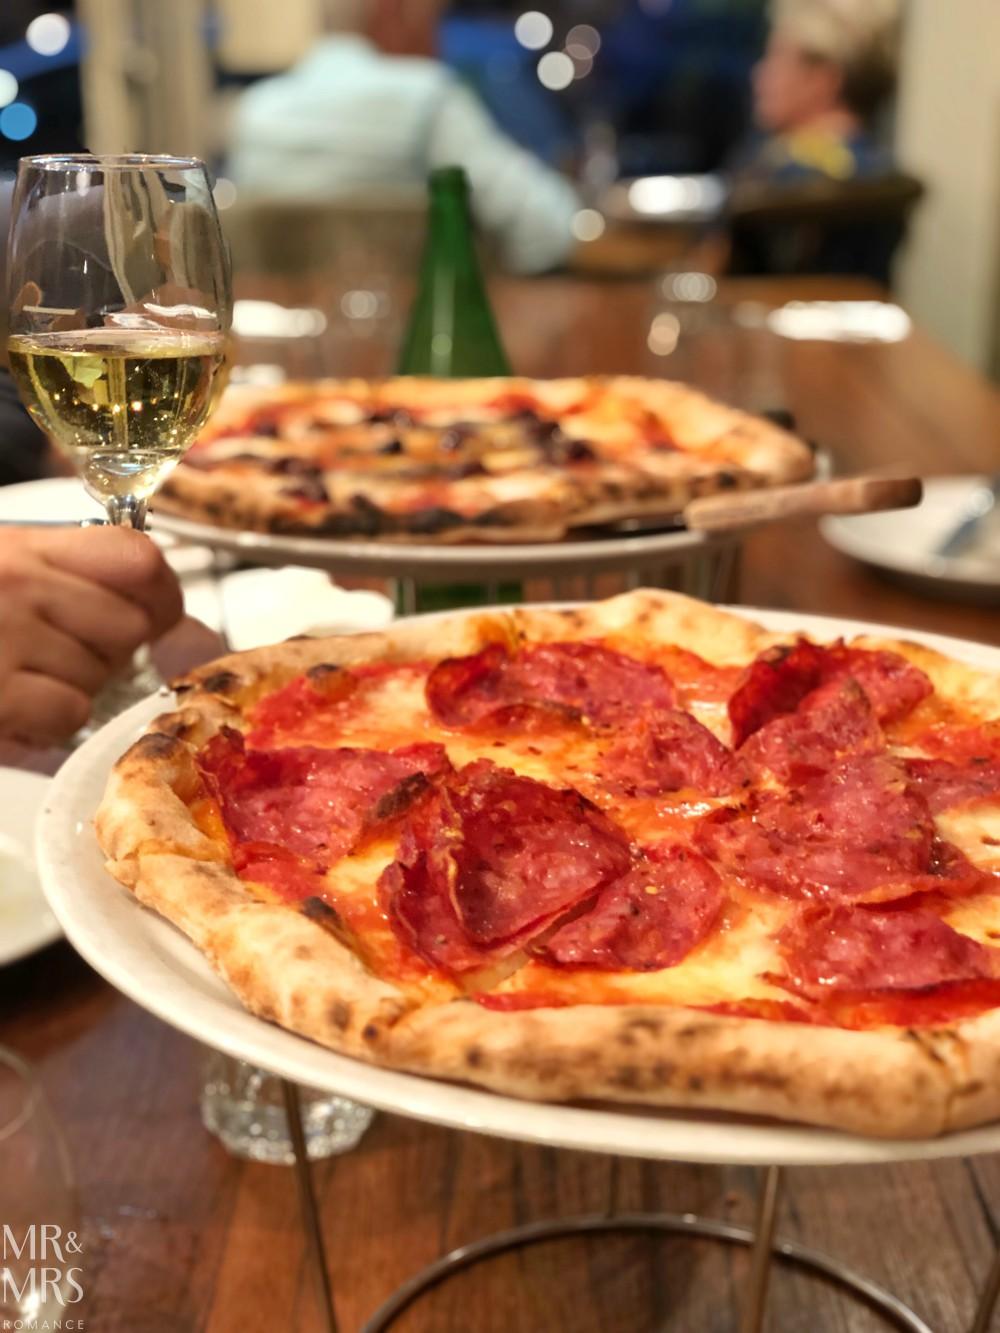 Happy birthday Christina - Capello PizzeriaBalmain